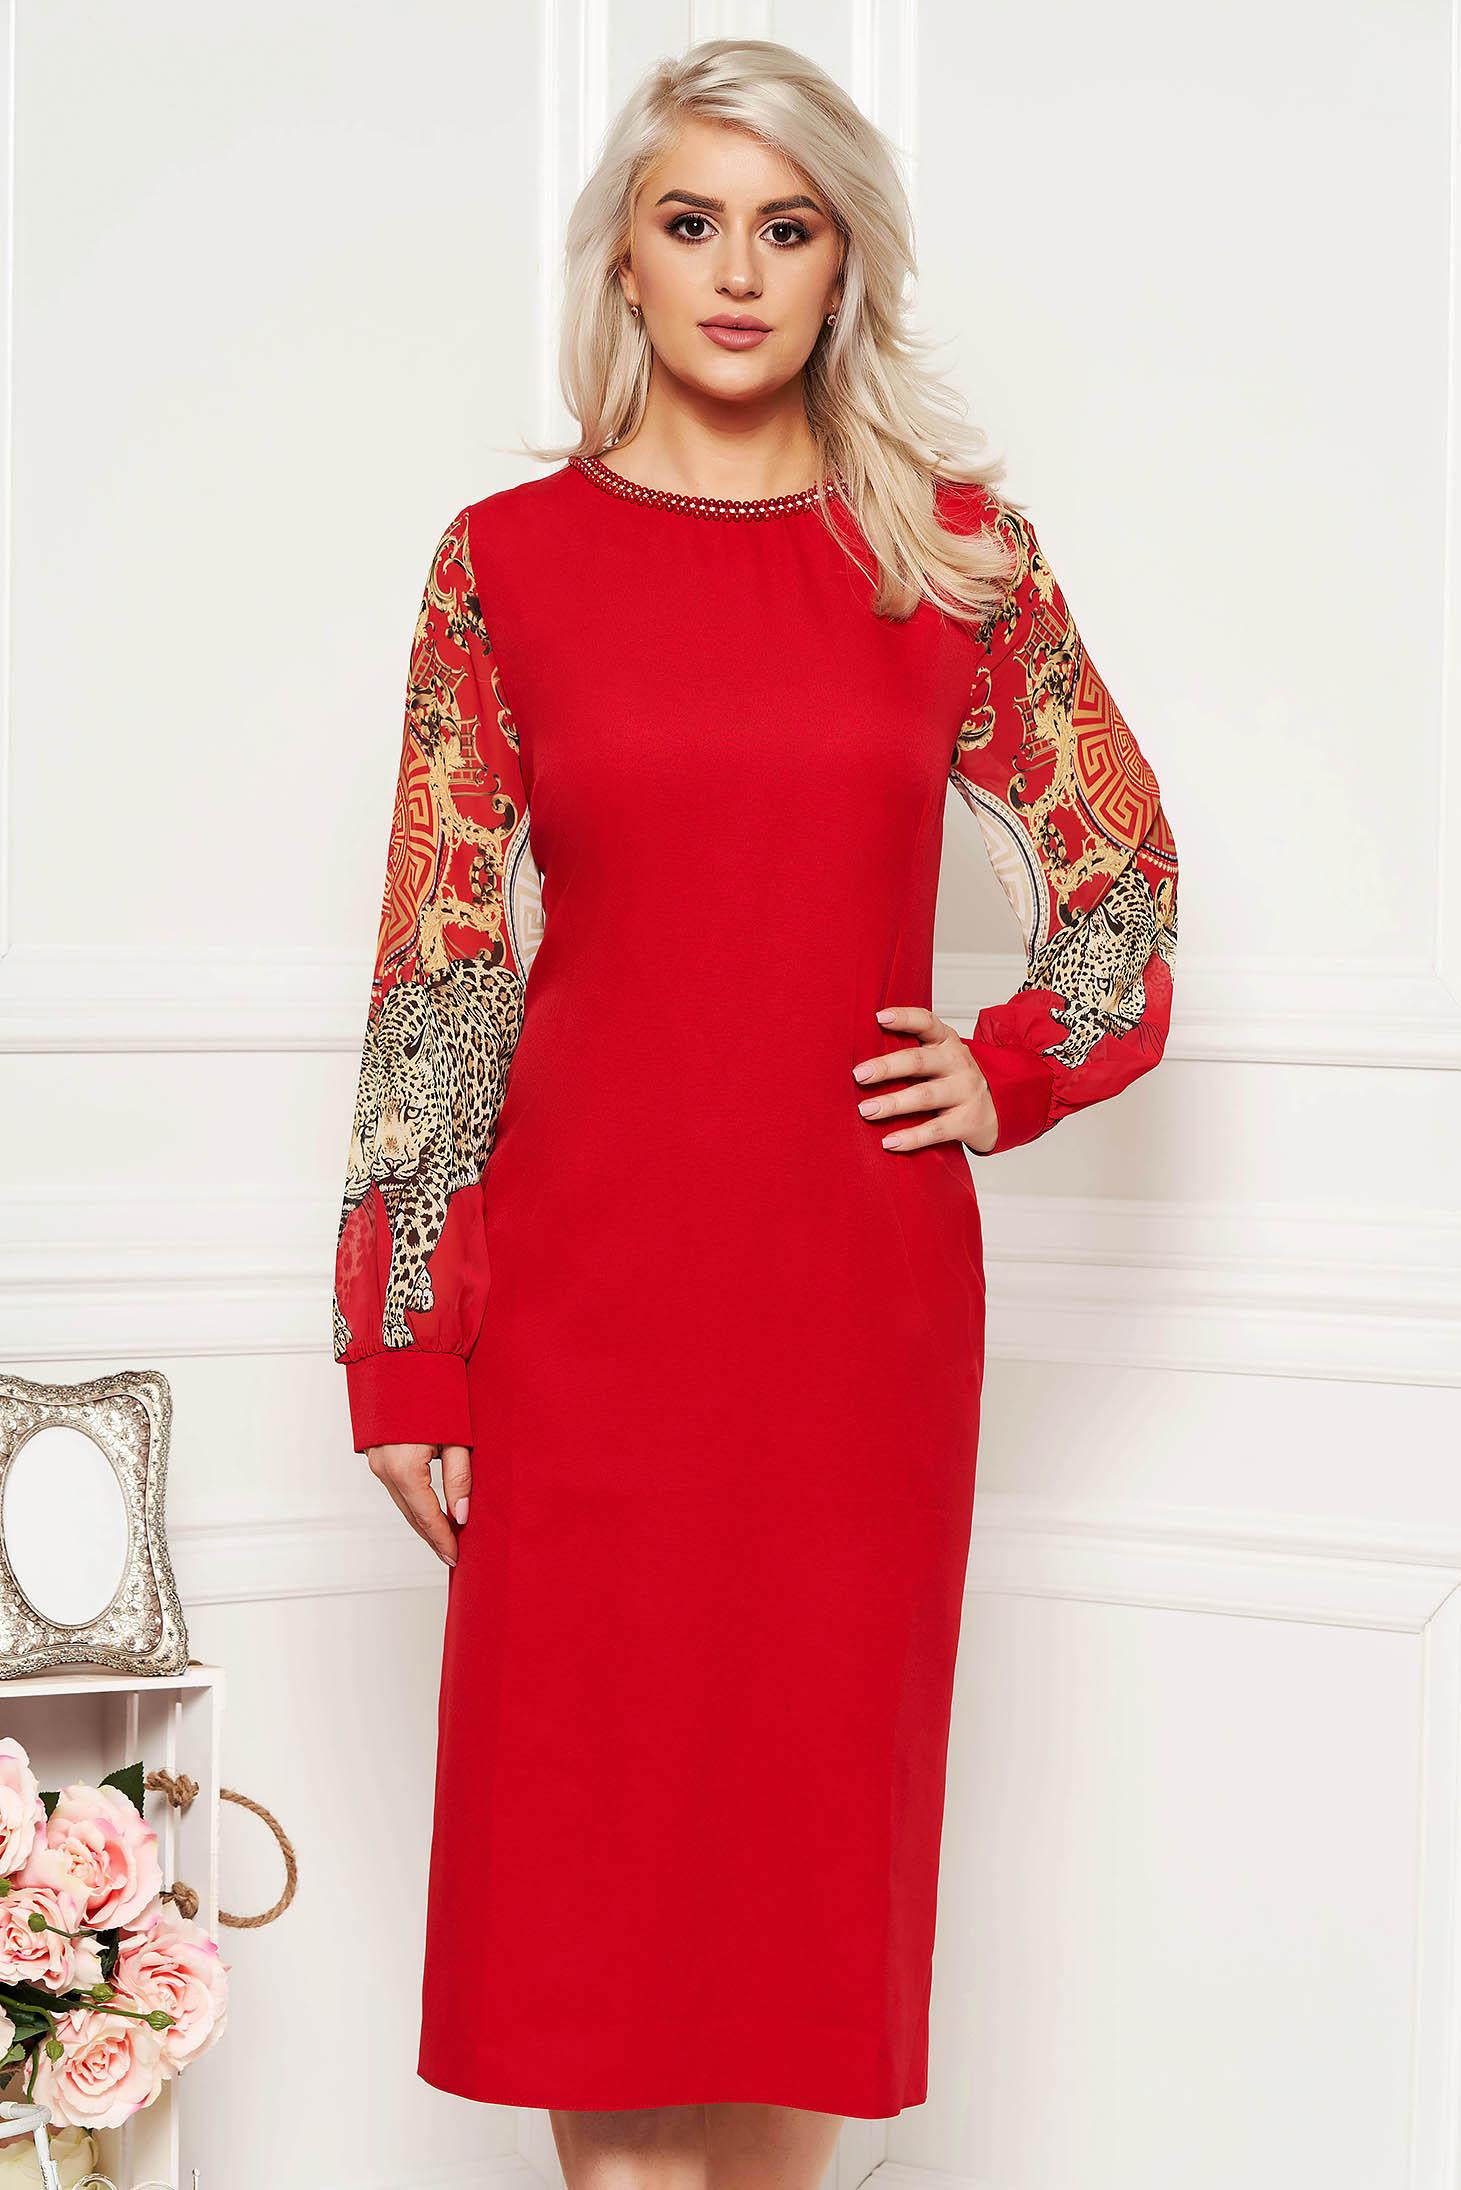 Piros alkalmi ruha szűk szabás gyöngyös díszítés átlátszó ujj